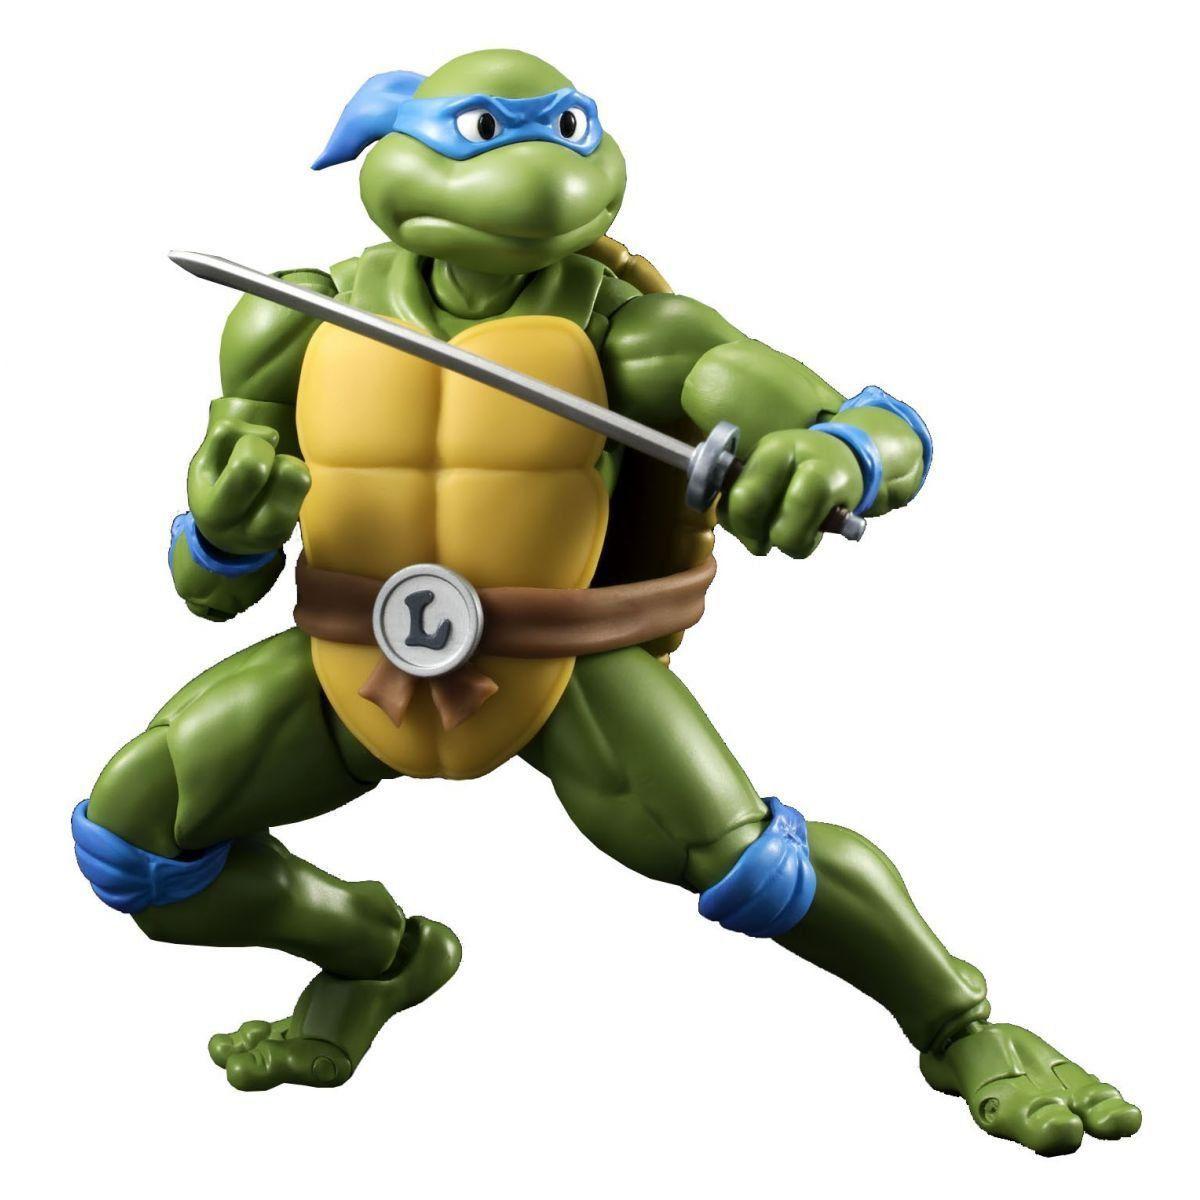 Boneco Leonardo: Tartarugas Ninjas: S.H Figuarts - Bandai